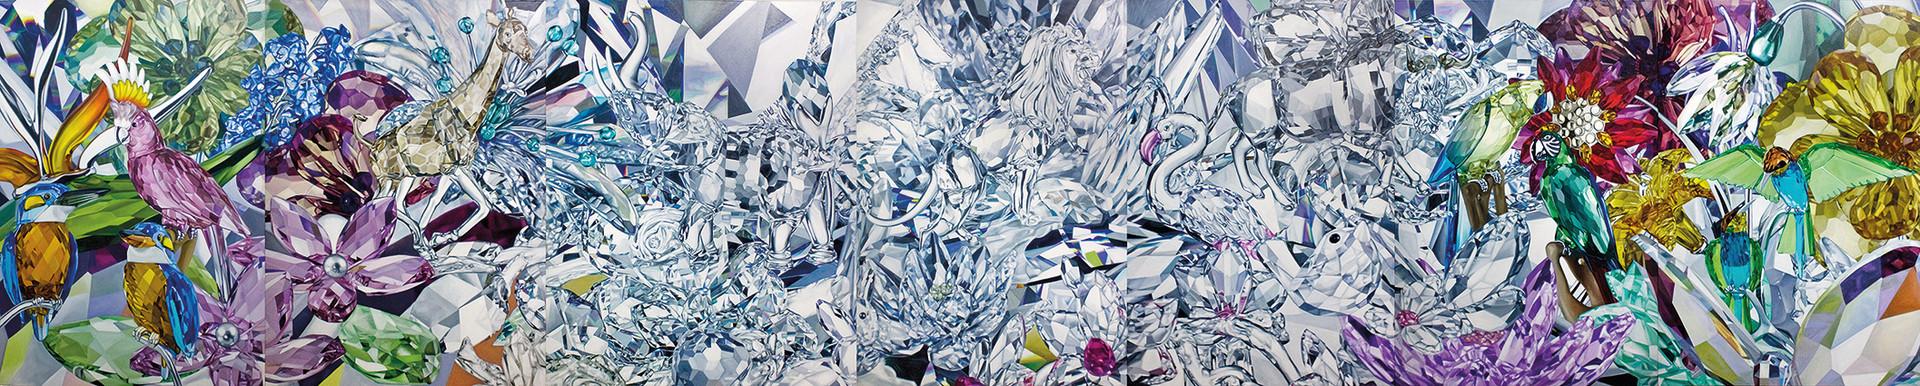 Safari · Óleo sobre tela · 220 x 1050 cm · 2009